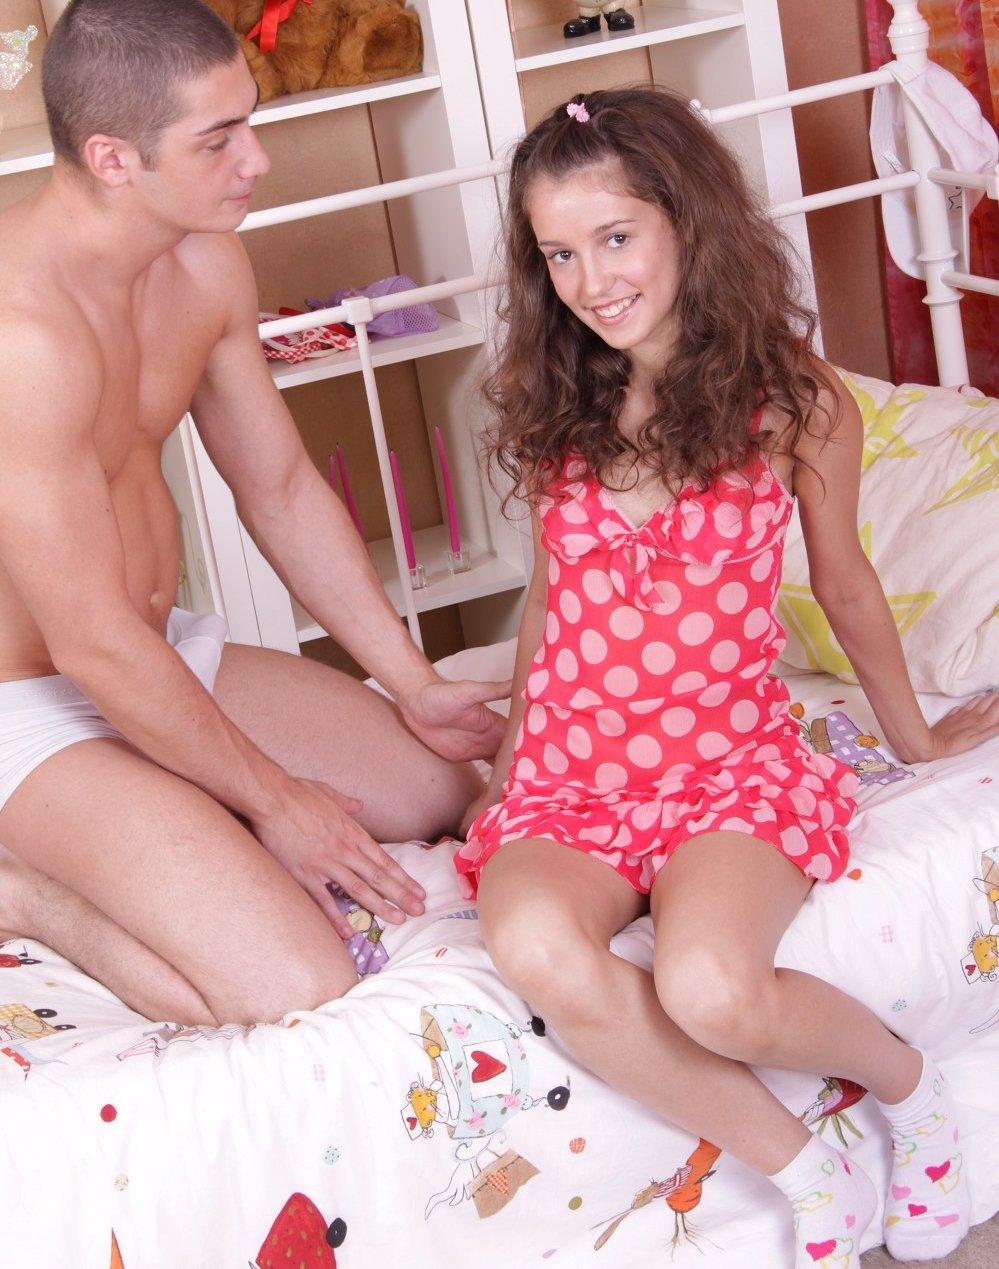 http://2.bp.blogspot.com/-lI2H5P83J9g/TsvcqnoPXhI/AAAAAAAADM8/F_JH75d3Fis/s1600/S10.jpg